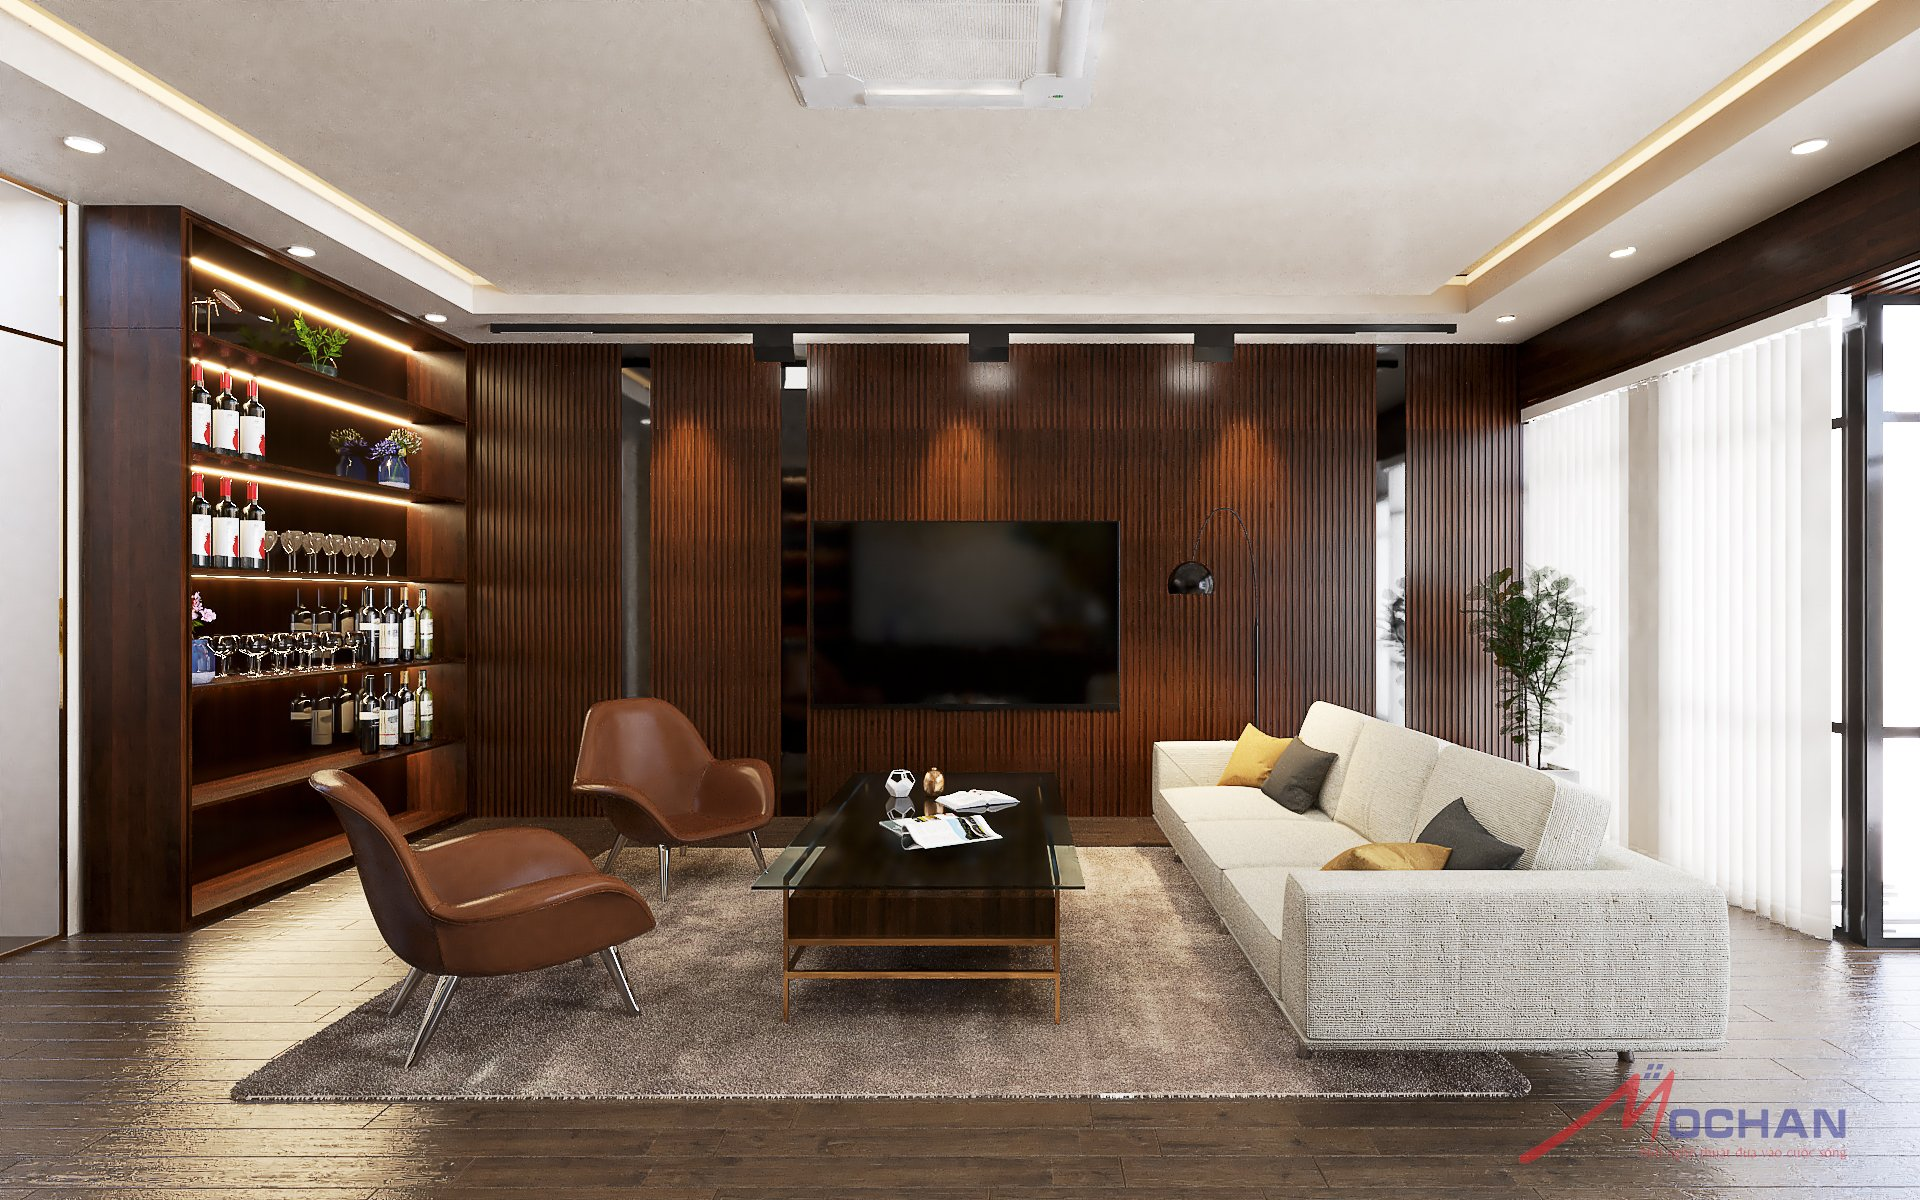 Sự kết hợp giữa ánh đèn , cây xanh và cách bố trị của văn phòng tạo nên một không gian ấm cúng, thanh lịch, tron g lành